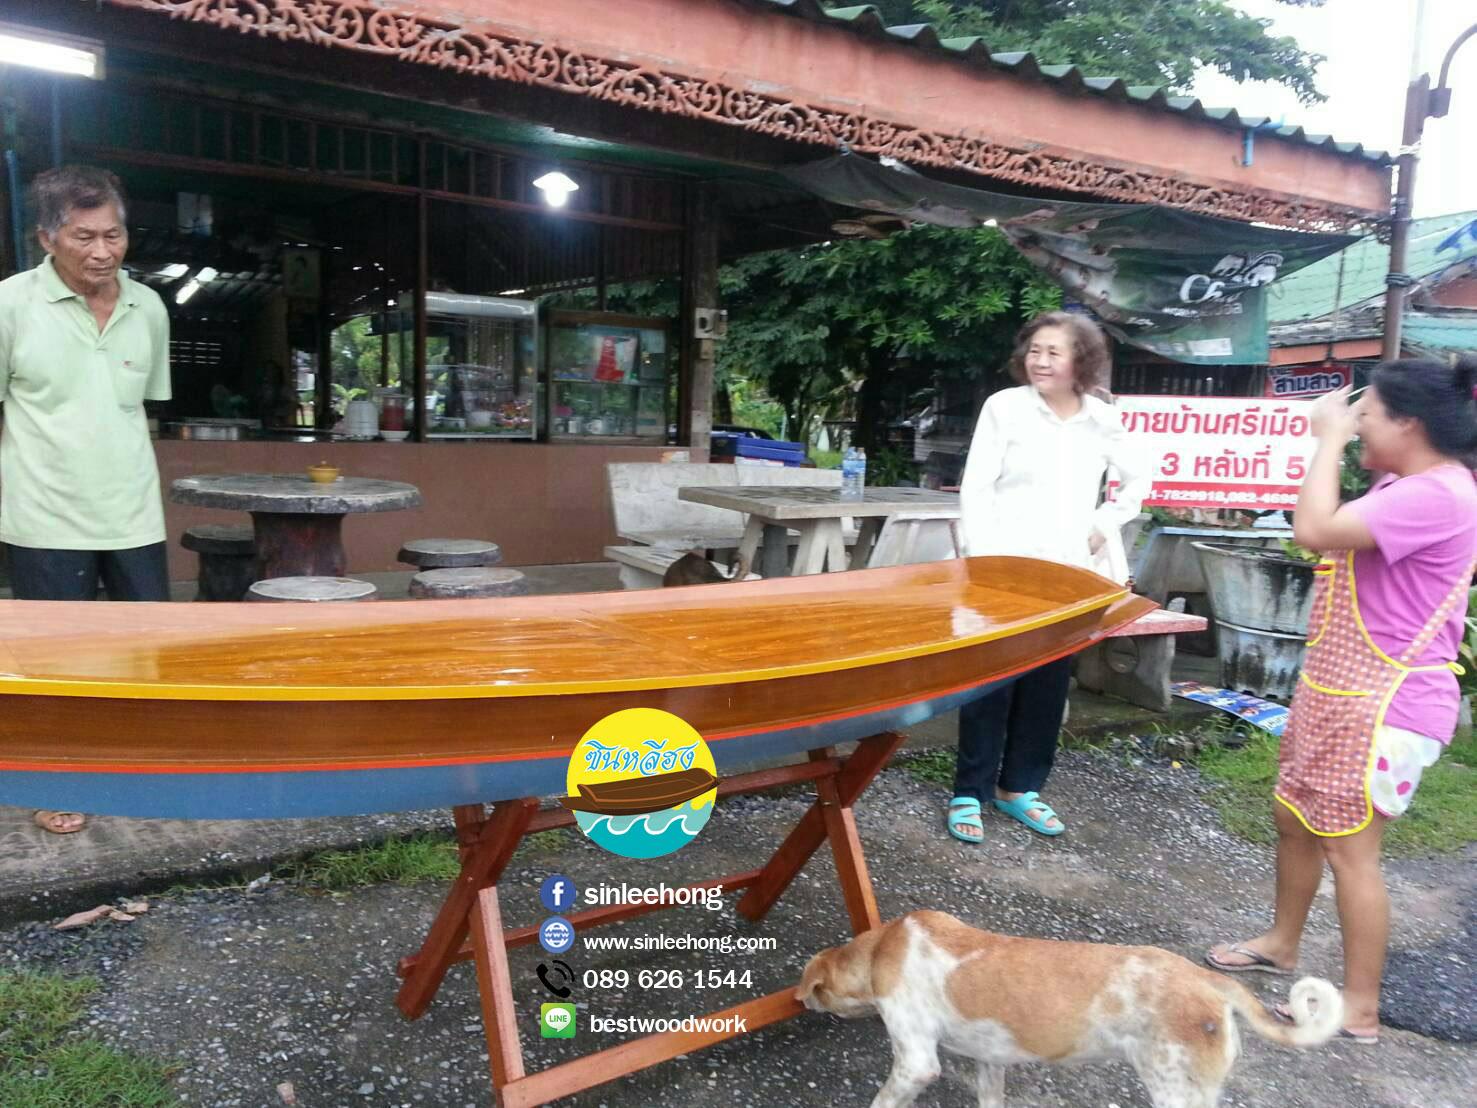 เรือไม้สัก แบบโต๊ะ ยาว 300 ซม (ส่งทั่วประเทศ)